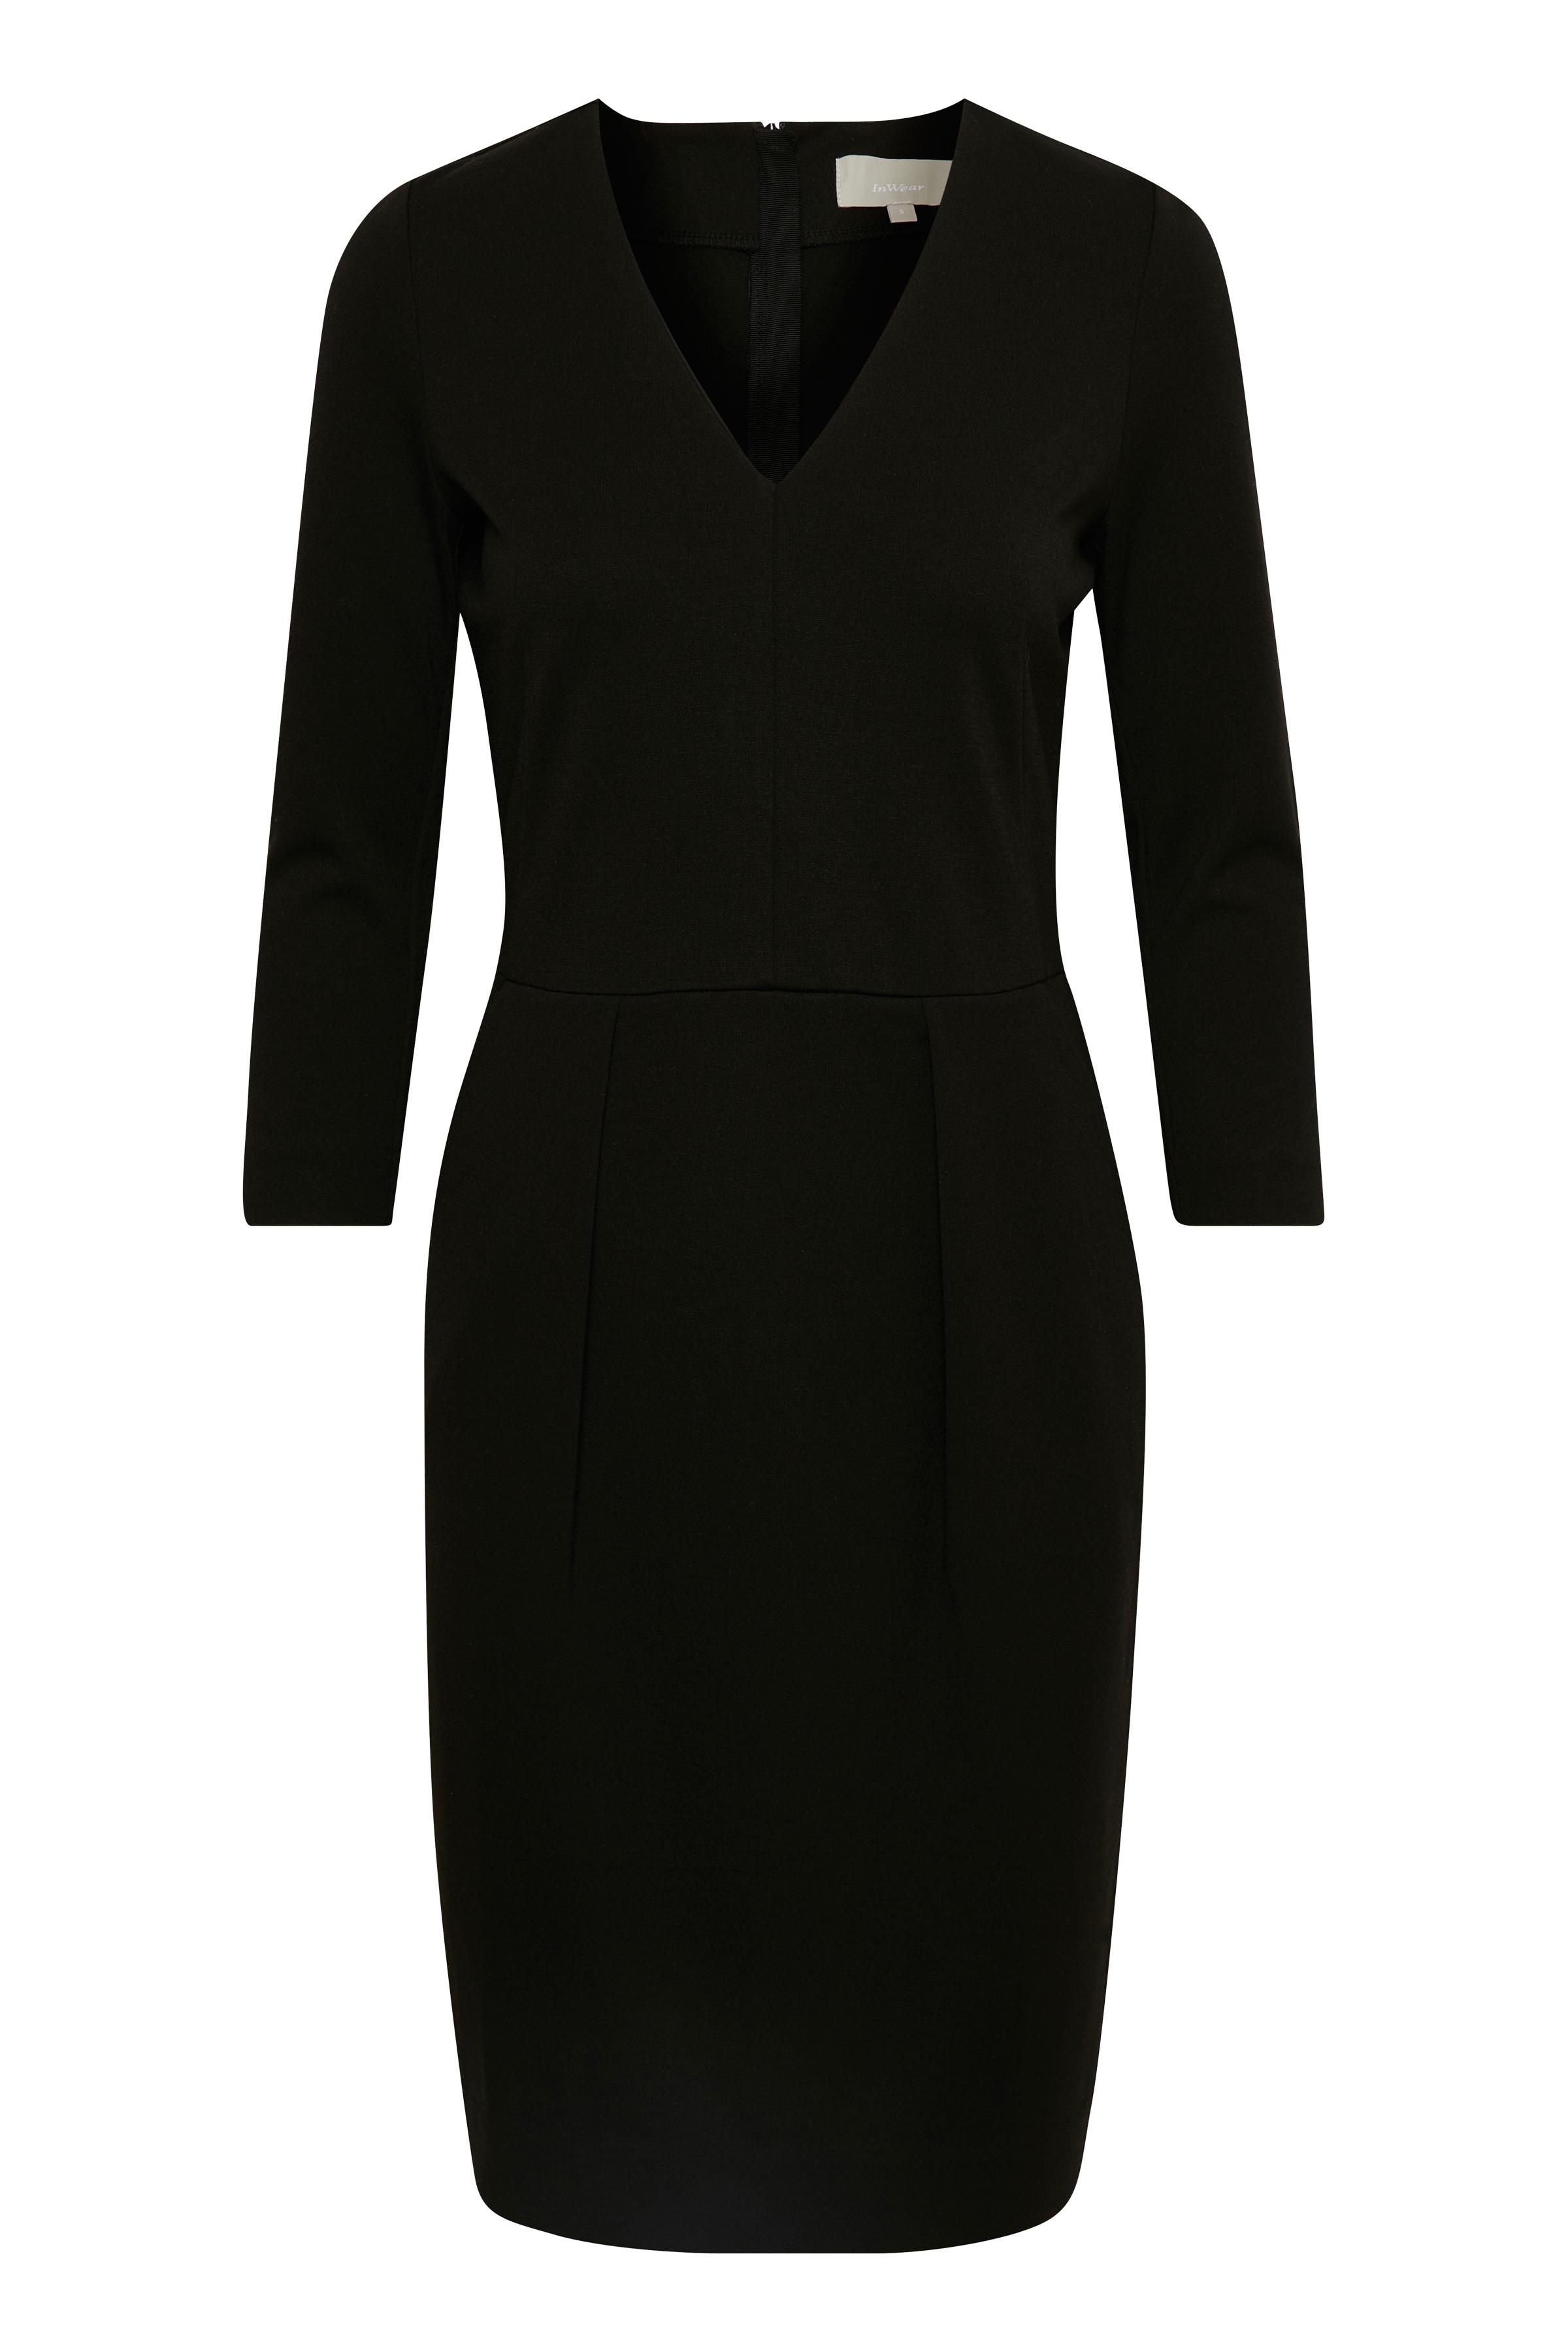 Black Kjole – Køb Black Kjole fra str. S-L her